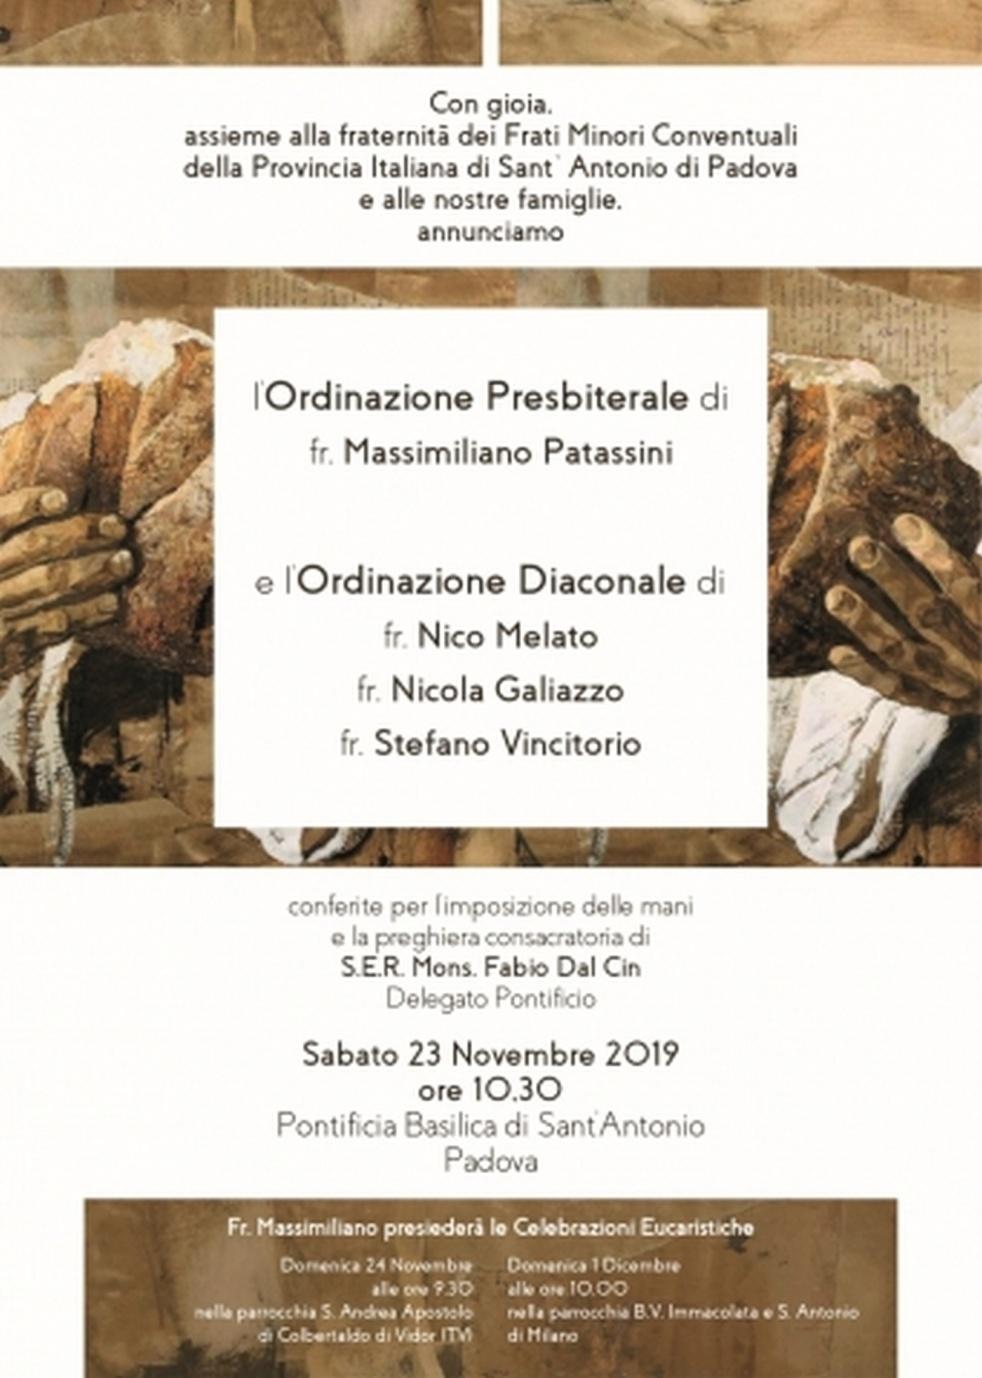 20191123 - Ordinazioni al Santo - Cover Image